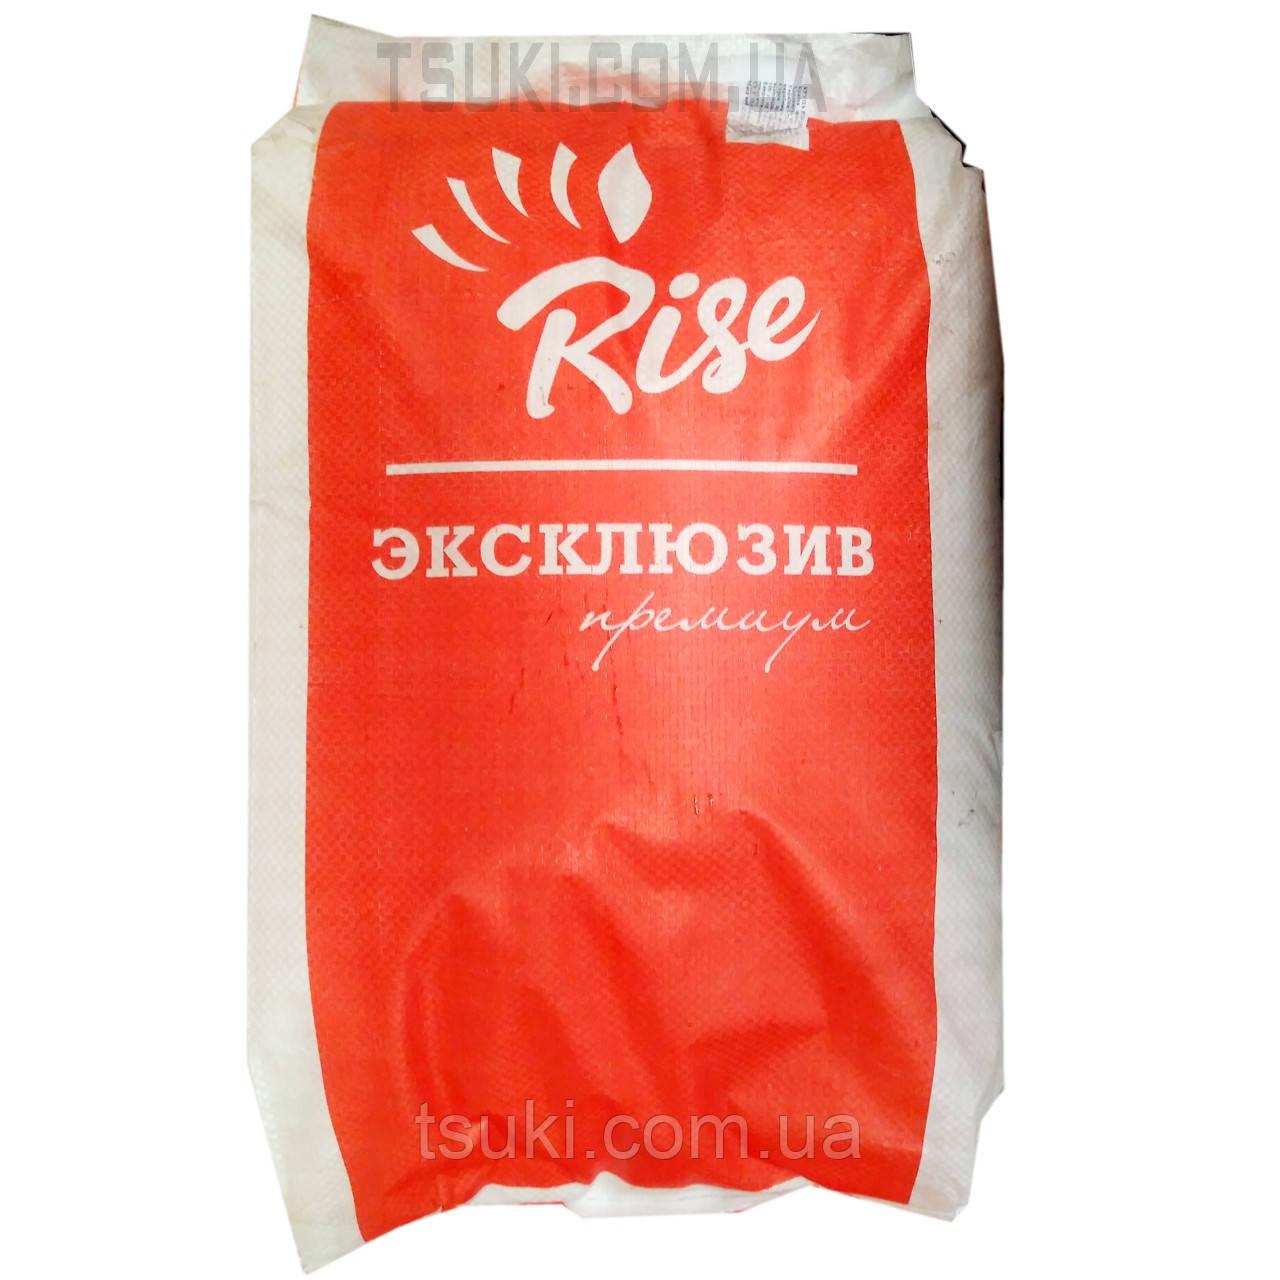 Рис для суши Эксклюзив премиум 25 кг